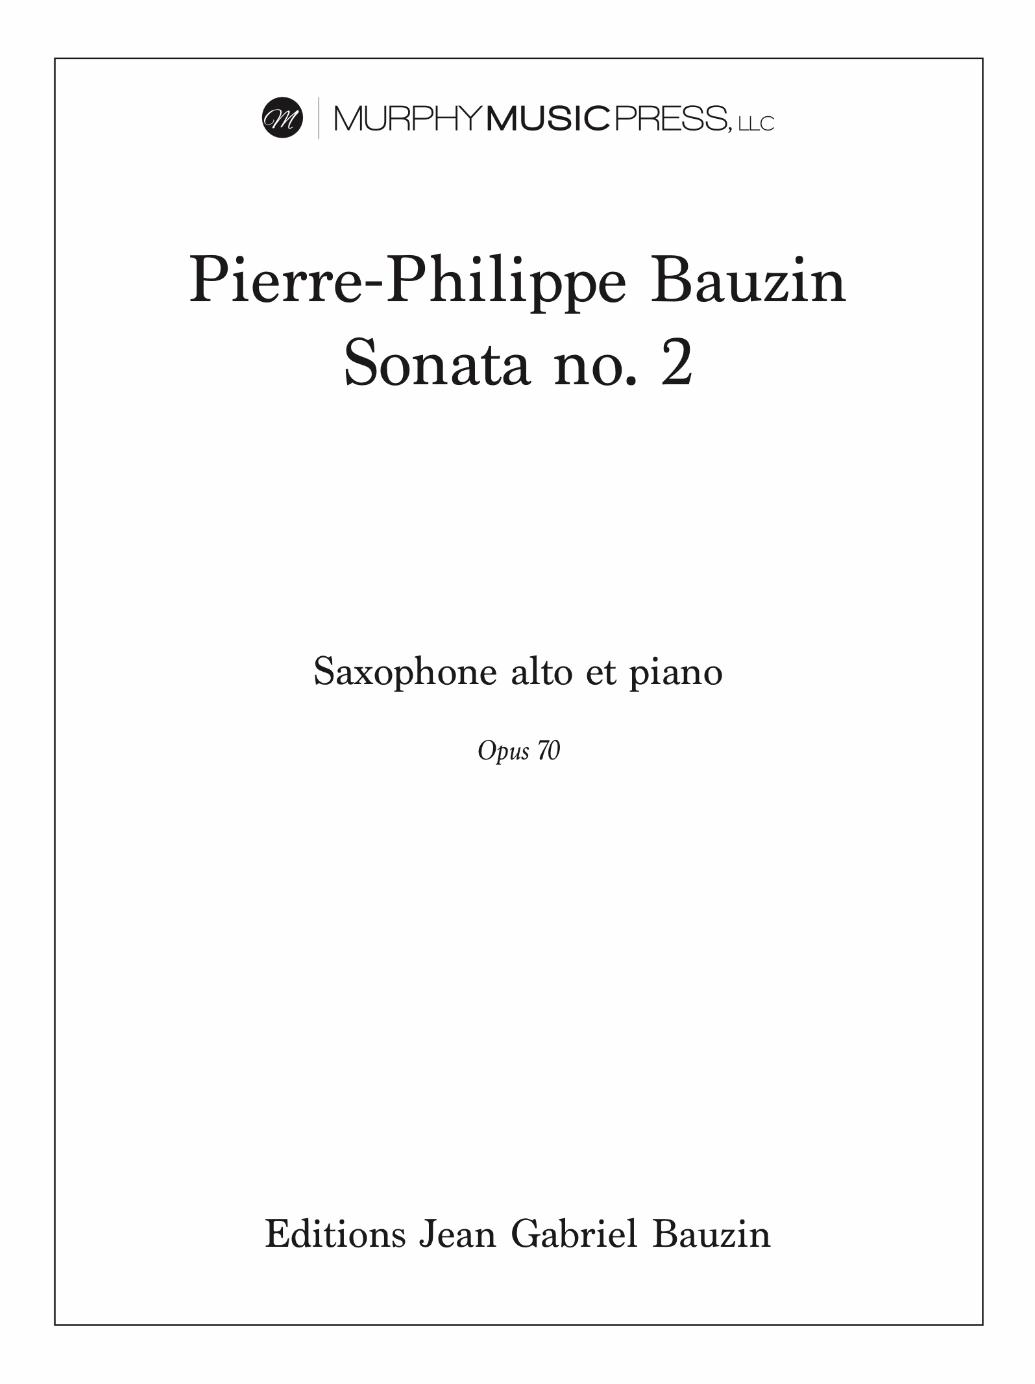 Sonata No. 2 by Pierre-Philippe Bauzin